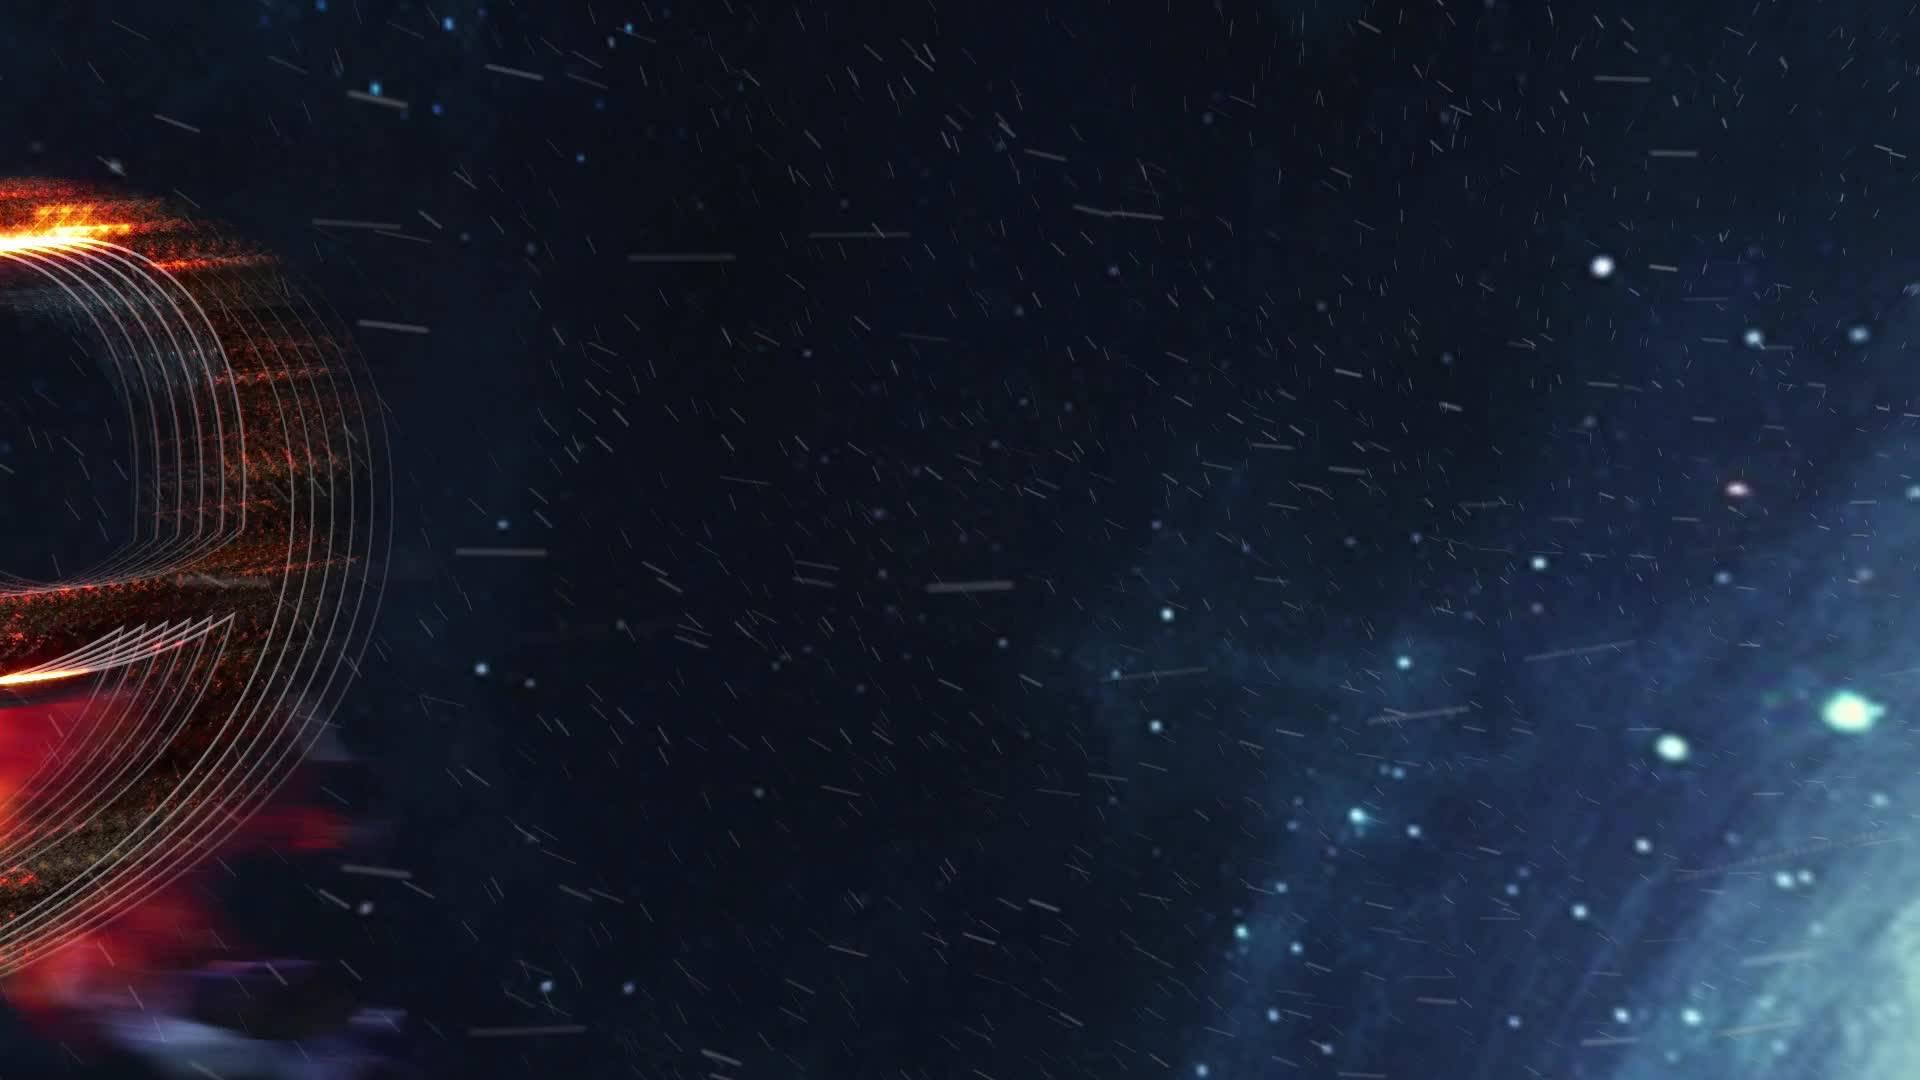 史诗大气星空宇宙10秒倒计时